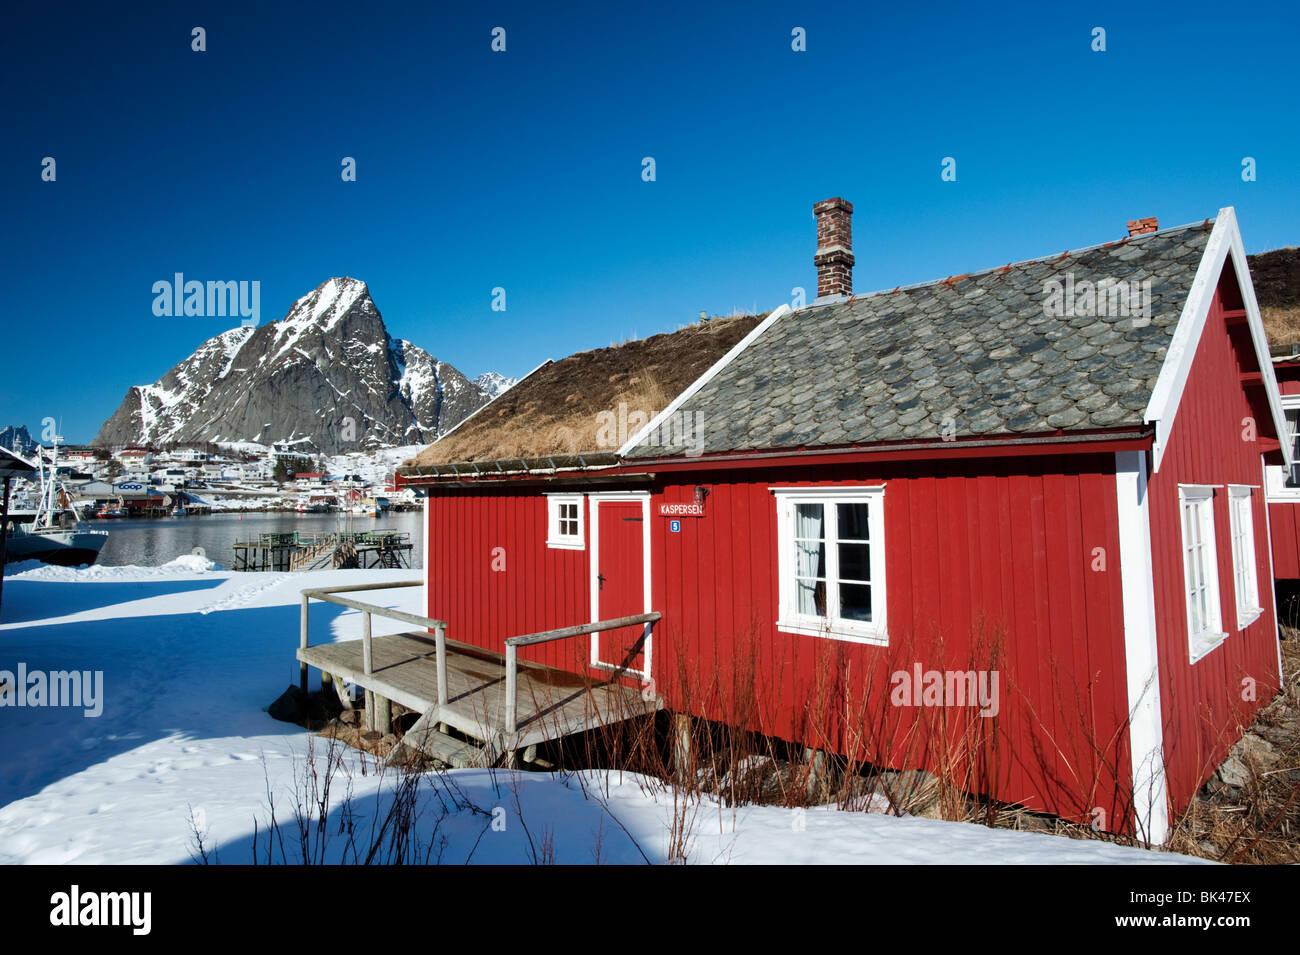 Tradizionale in legno rosso Rorbu Fisherman's capanna nel villaggio di Reine nelle Isole Lofoten in Norvegia Immagini Stock